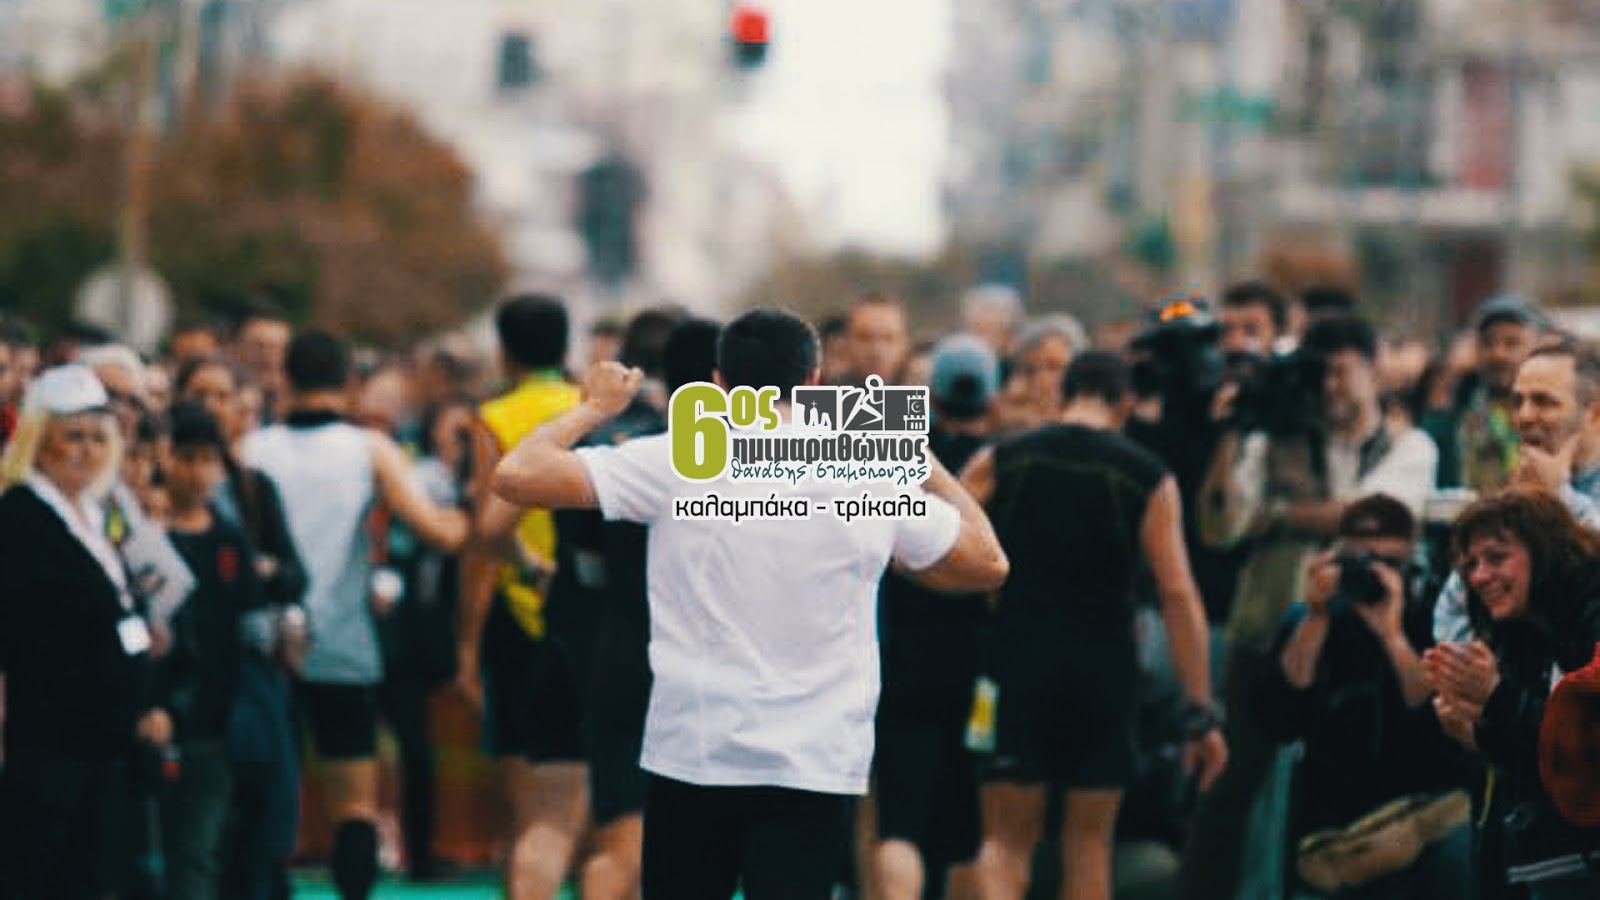 6ος Ημιμαραθώνιος Καλαμπάκα - Τρίκαλα Θανάσης Σταμόπουλος (Sport Trailer)